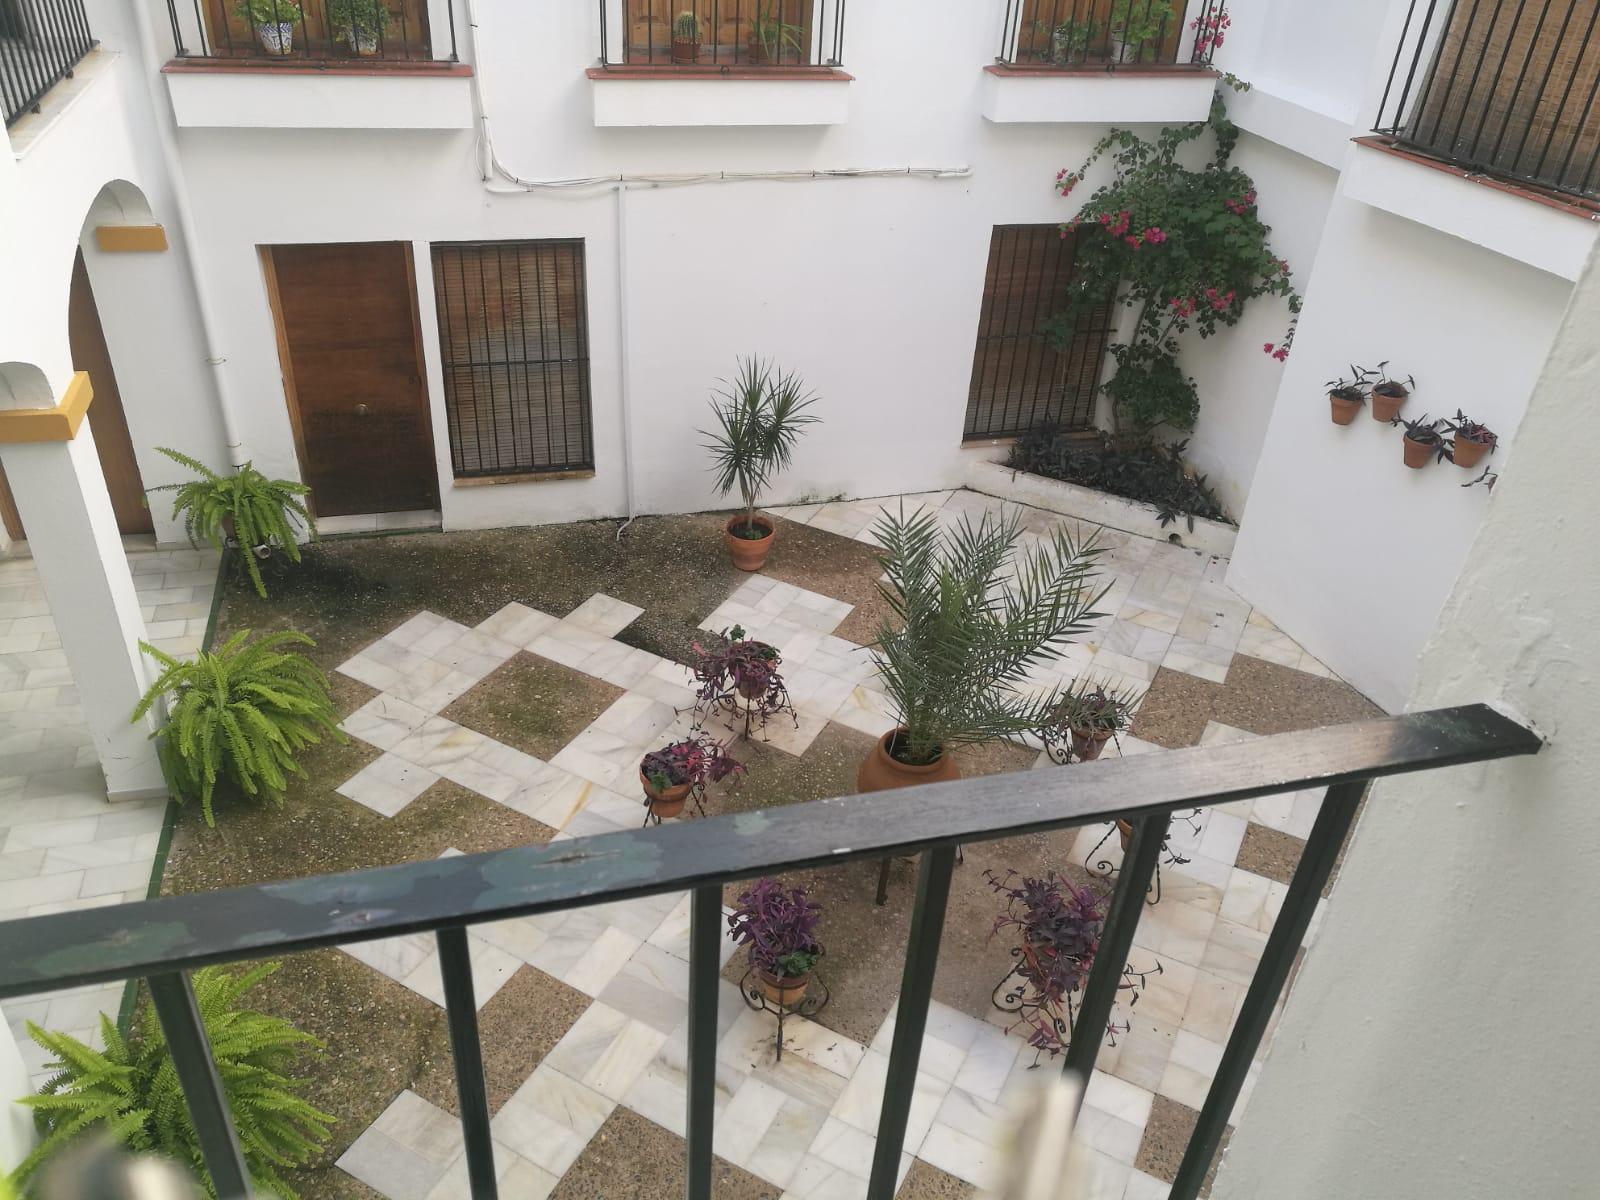 Piso en venta en Sevilla, Sevilla, Calle San Luis, 133.000 €, 1 habitación, 1 baño, 56 m2